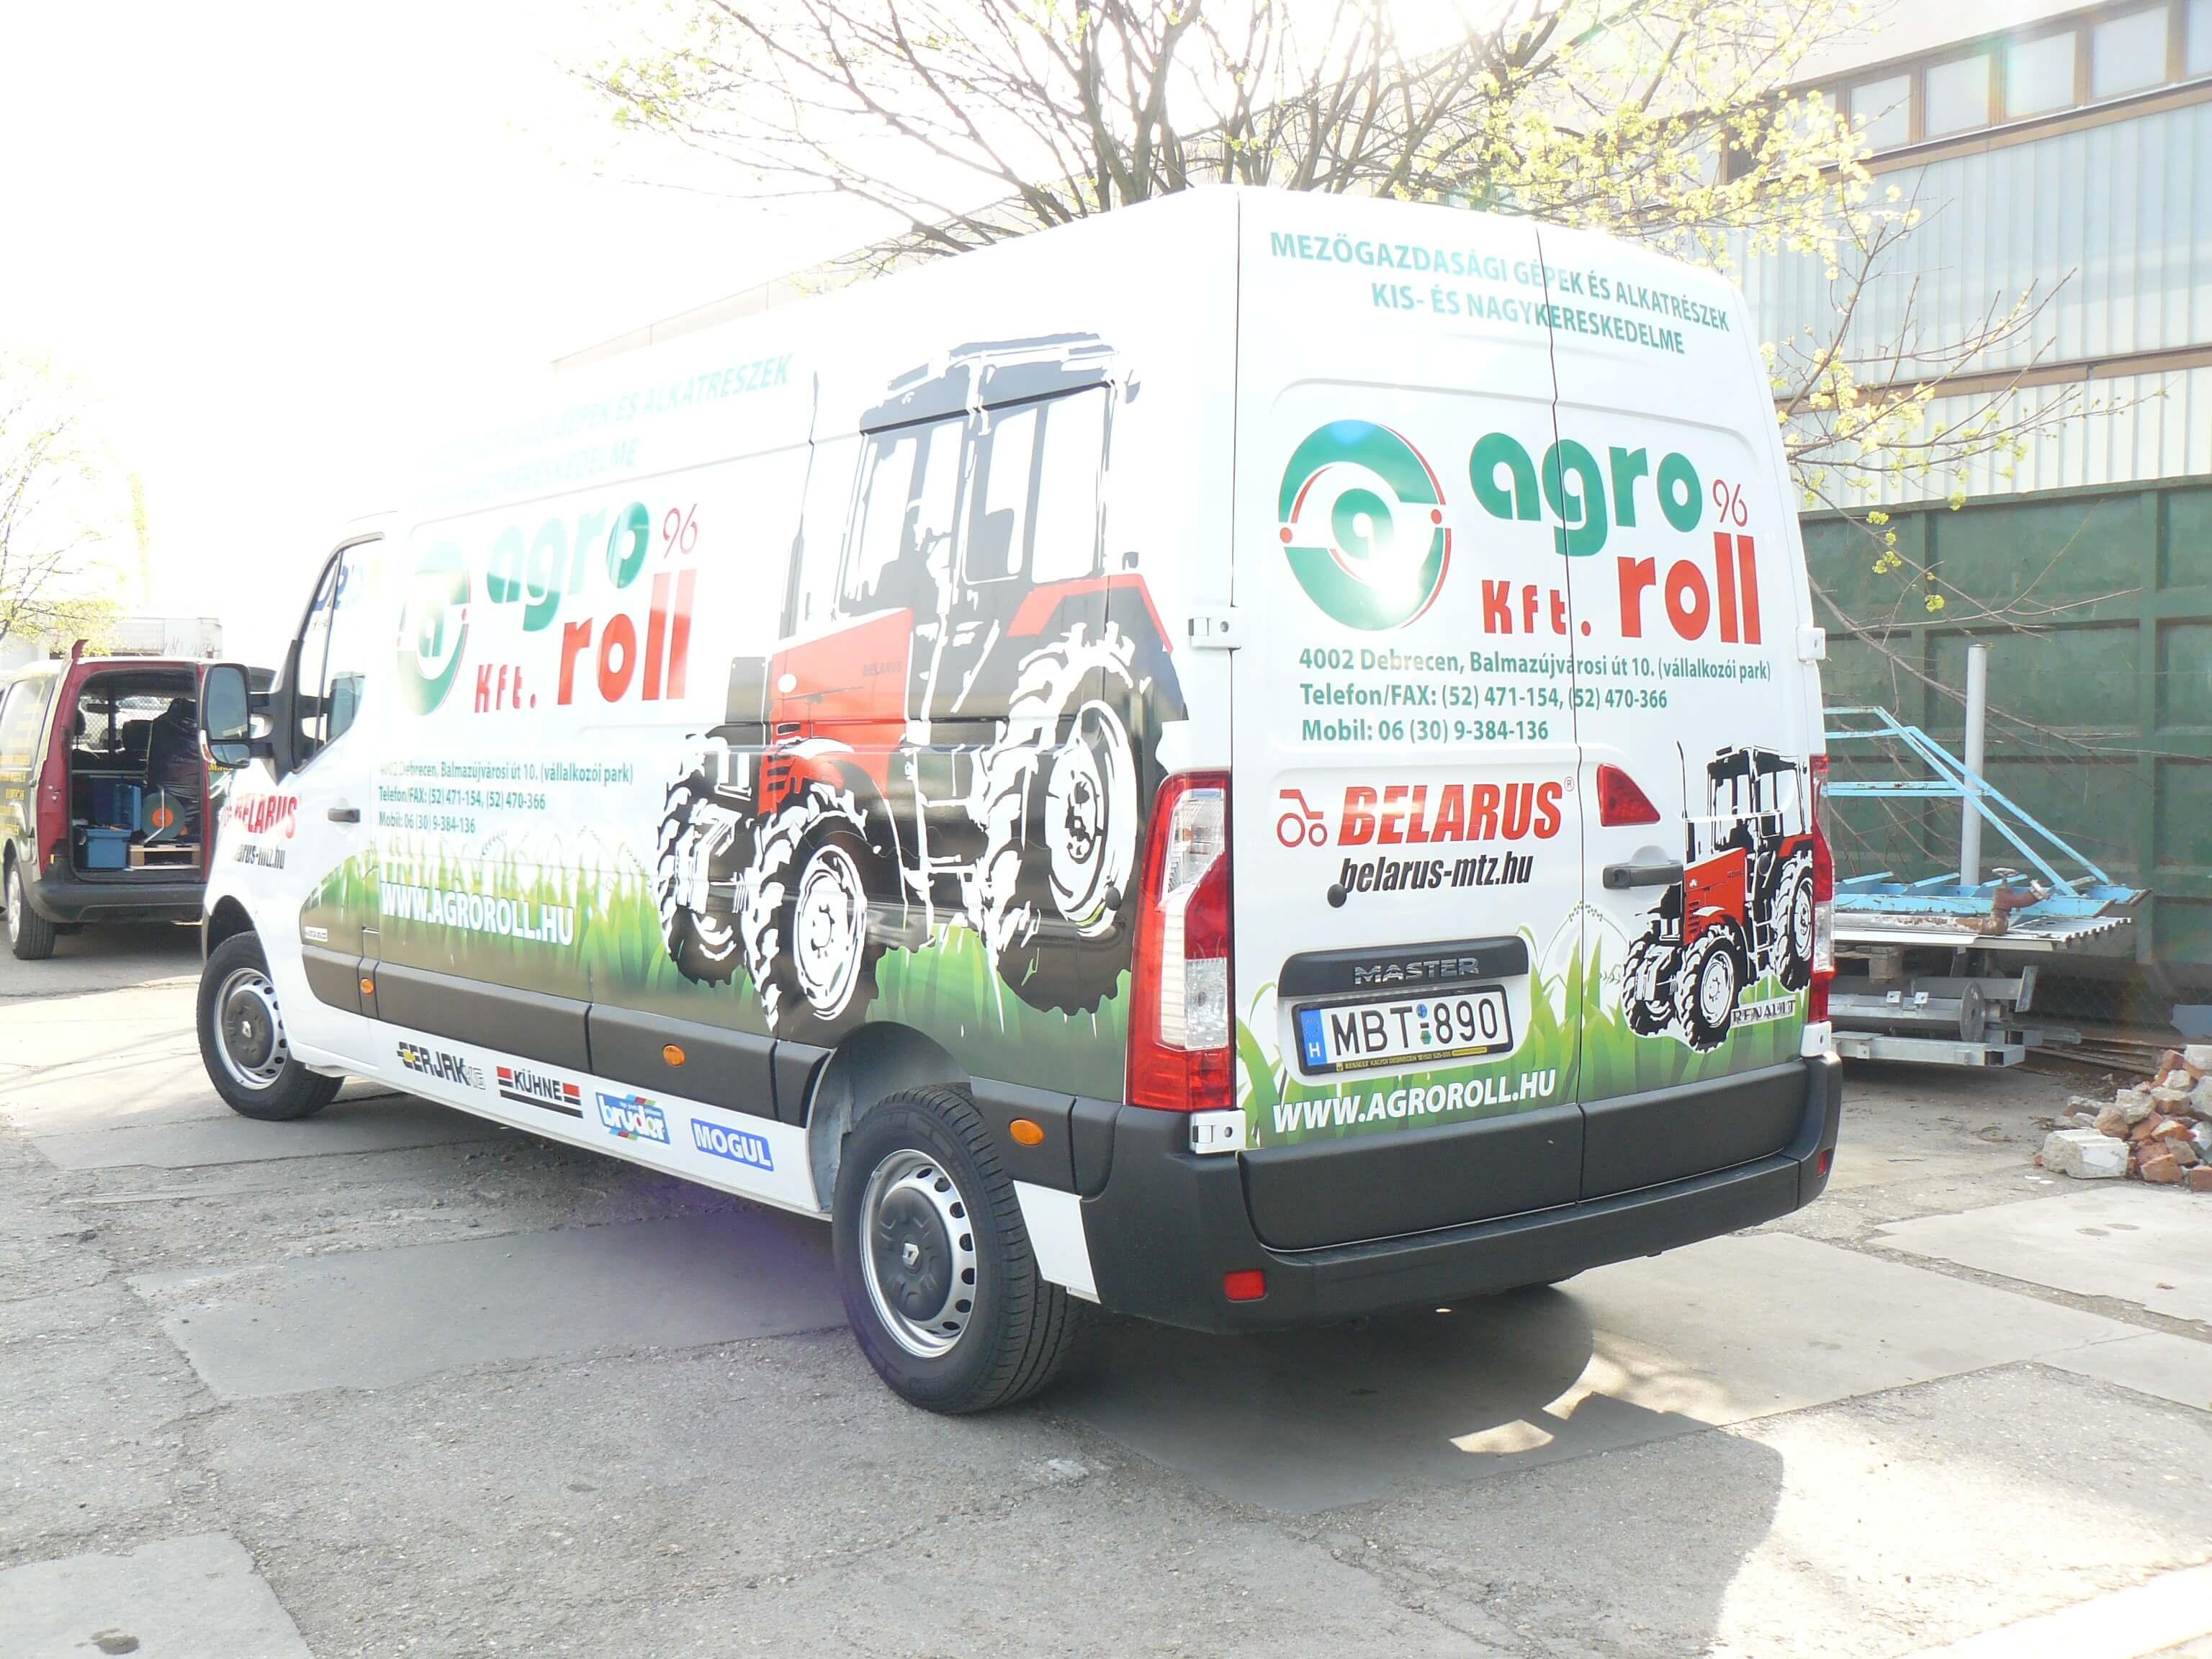 d13363f3ce Autódekoráció Debrecen Autódekorációs megoldást kínálunk személy és ...